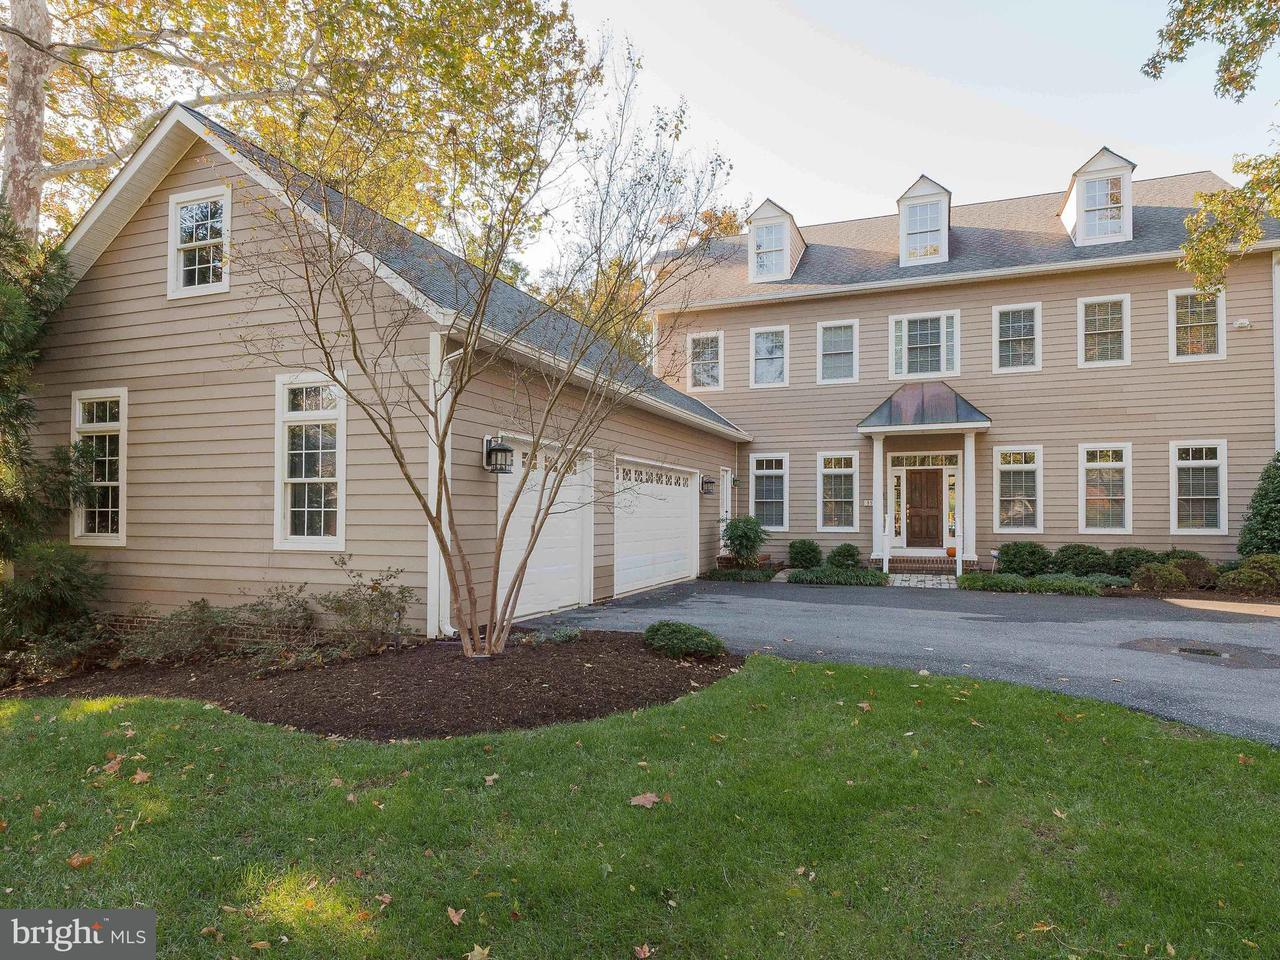 Maison unifamiliale pour l Vente à 3524 SOUTH RIVER TER 3524 SOUTH RIVER TER Edgewater, Maryland 21037 États-Unis